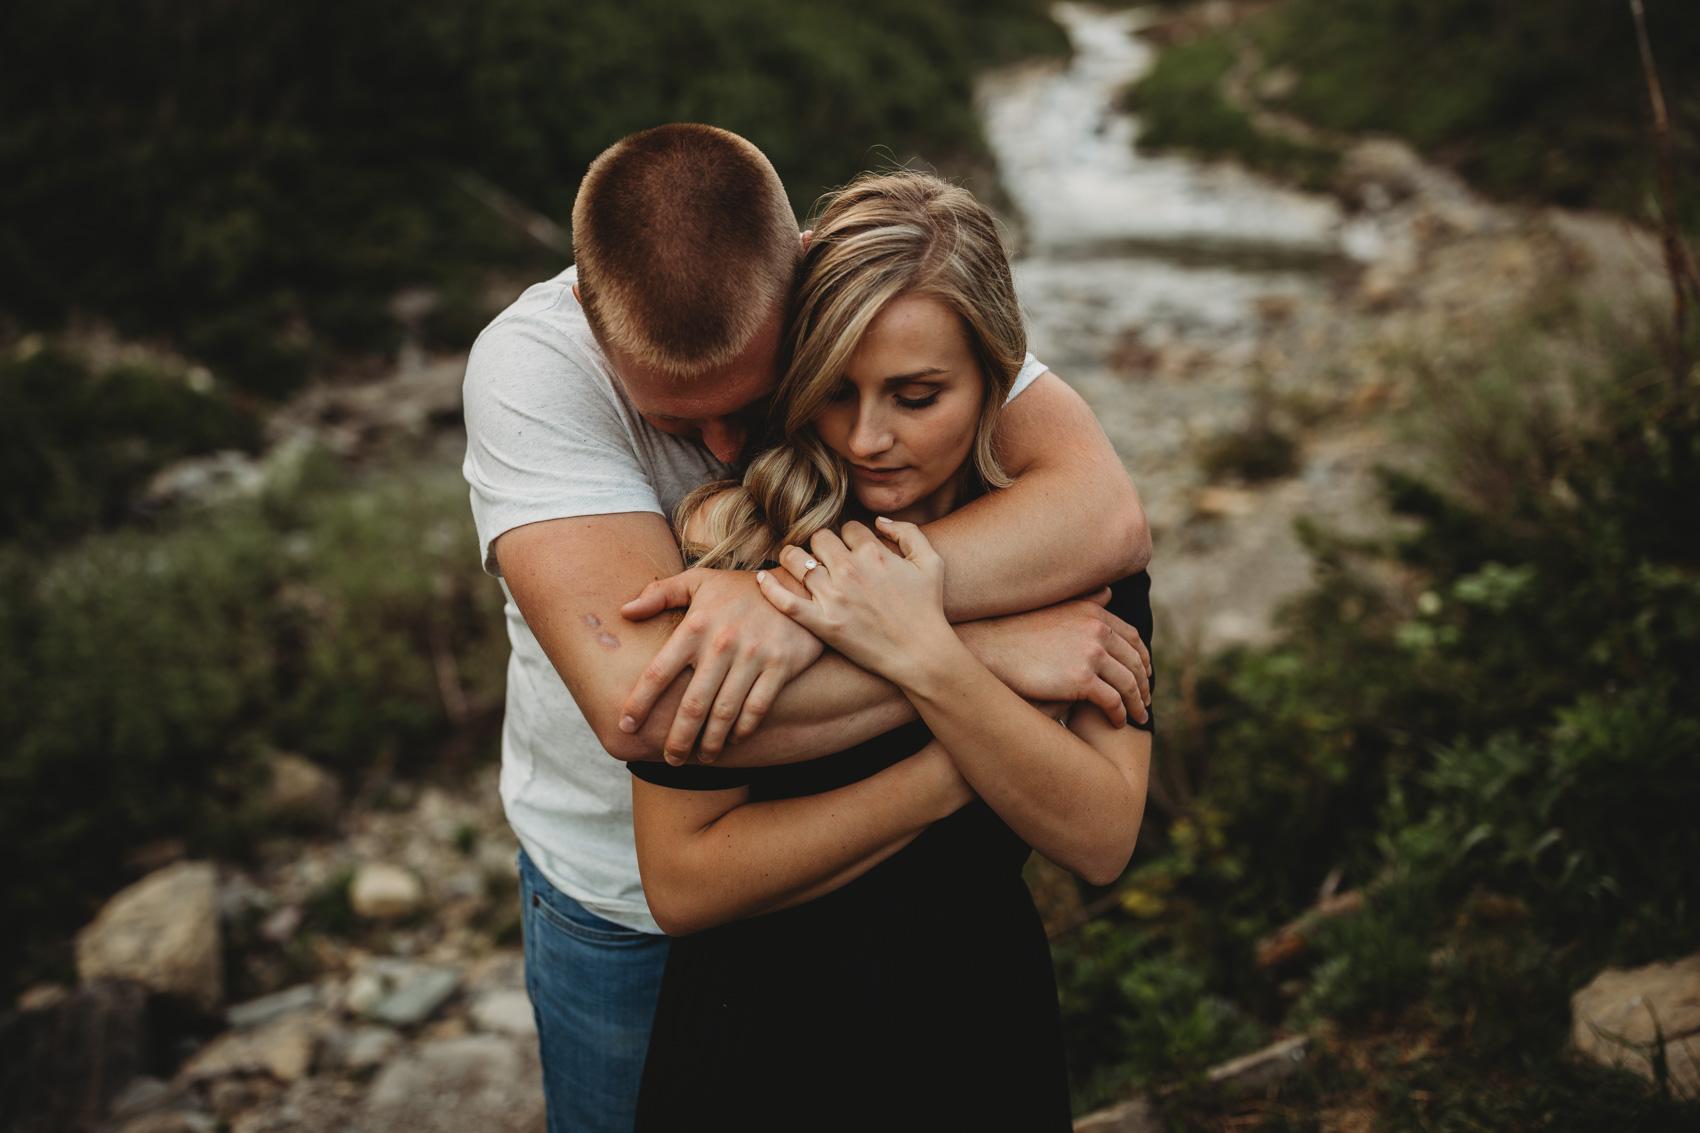 marah-doug-great-falls-montana-engagement-photographer-24.jpg